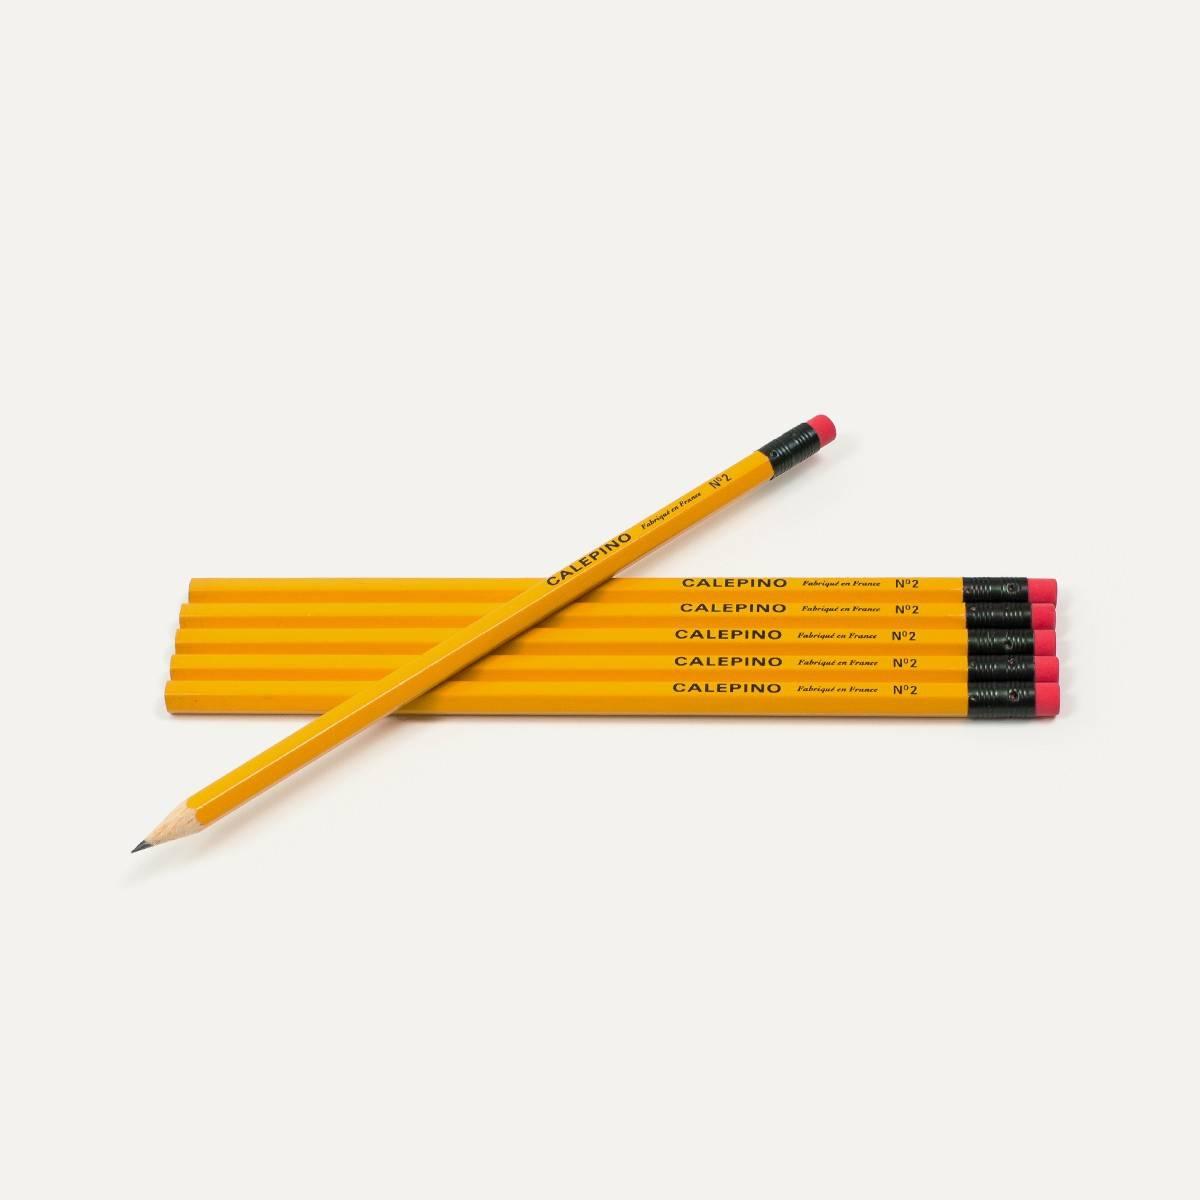 Pack De 5 Crayons Hb 2 Mm Avec Gomme Mars Plastic Pour /Écriture 12 A Sbkd Crayons Graphites Extr/êmement R/ésistants Dessin Et Croquis Staedtler Noris 120